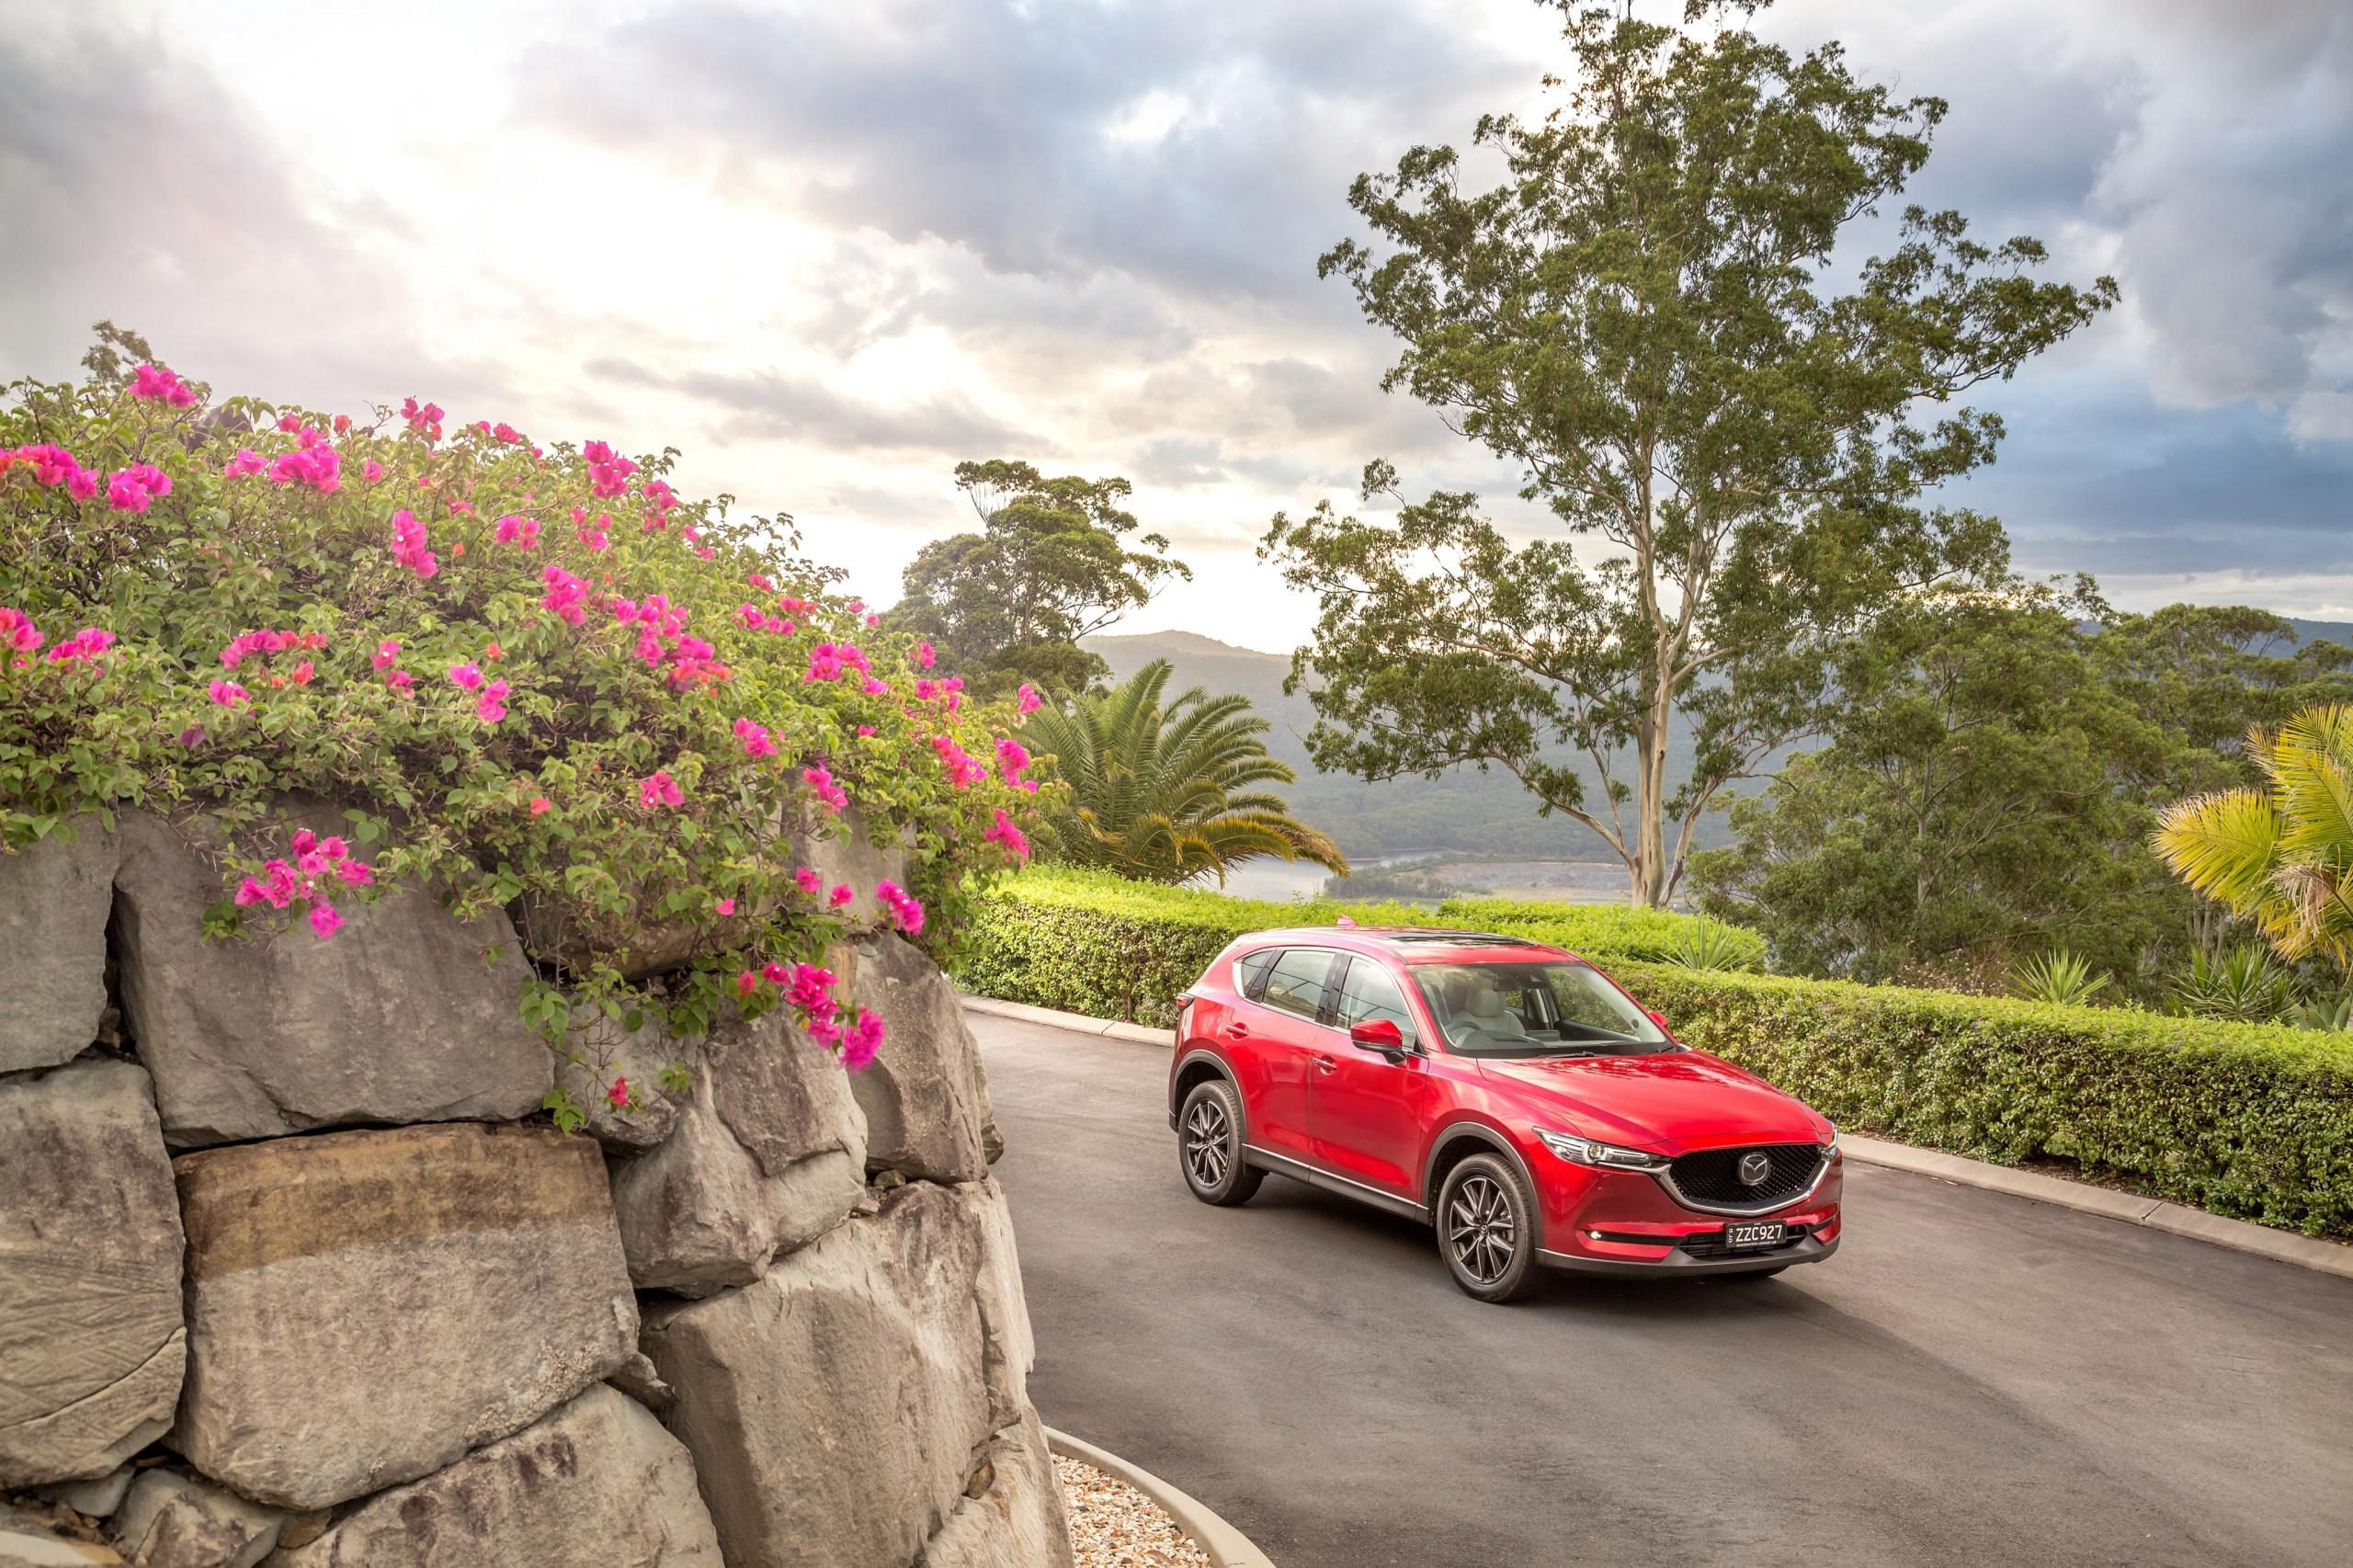 Картинка Mazda 2017 CX-5 Akera красных машина Металлик 2560x1706 Мазда Красный красные красная авто машины автомобиль Автомобили